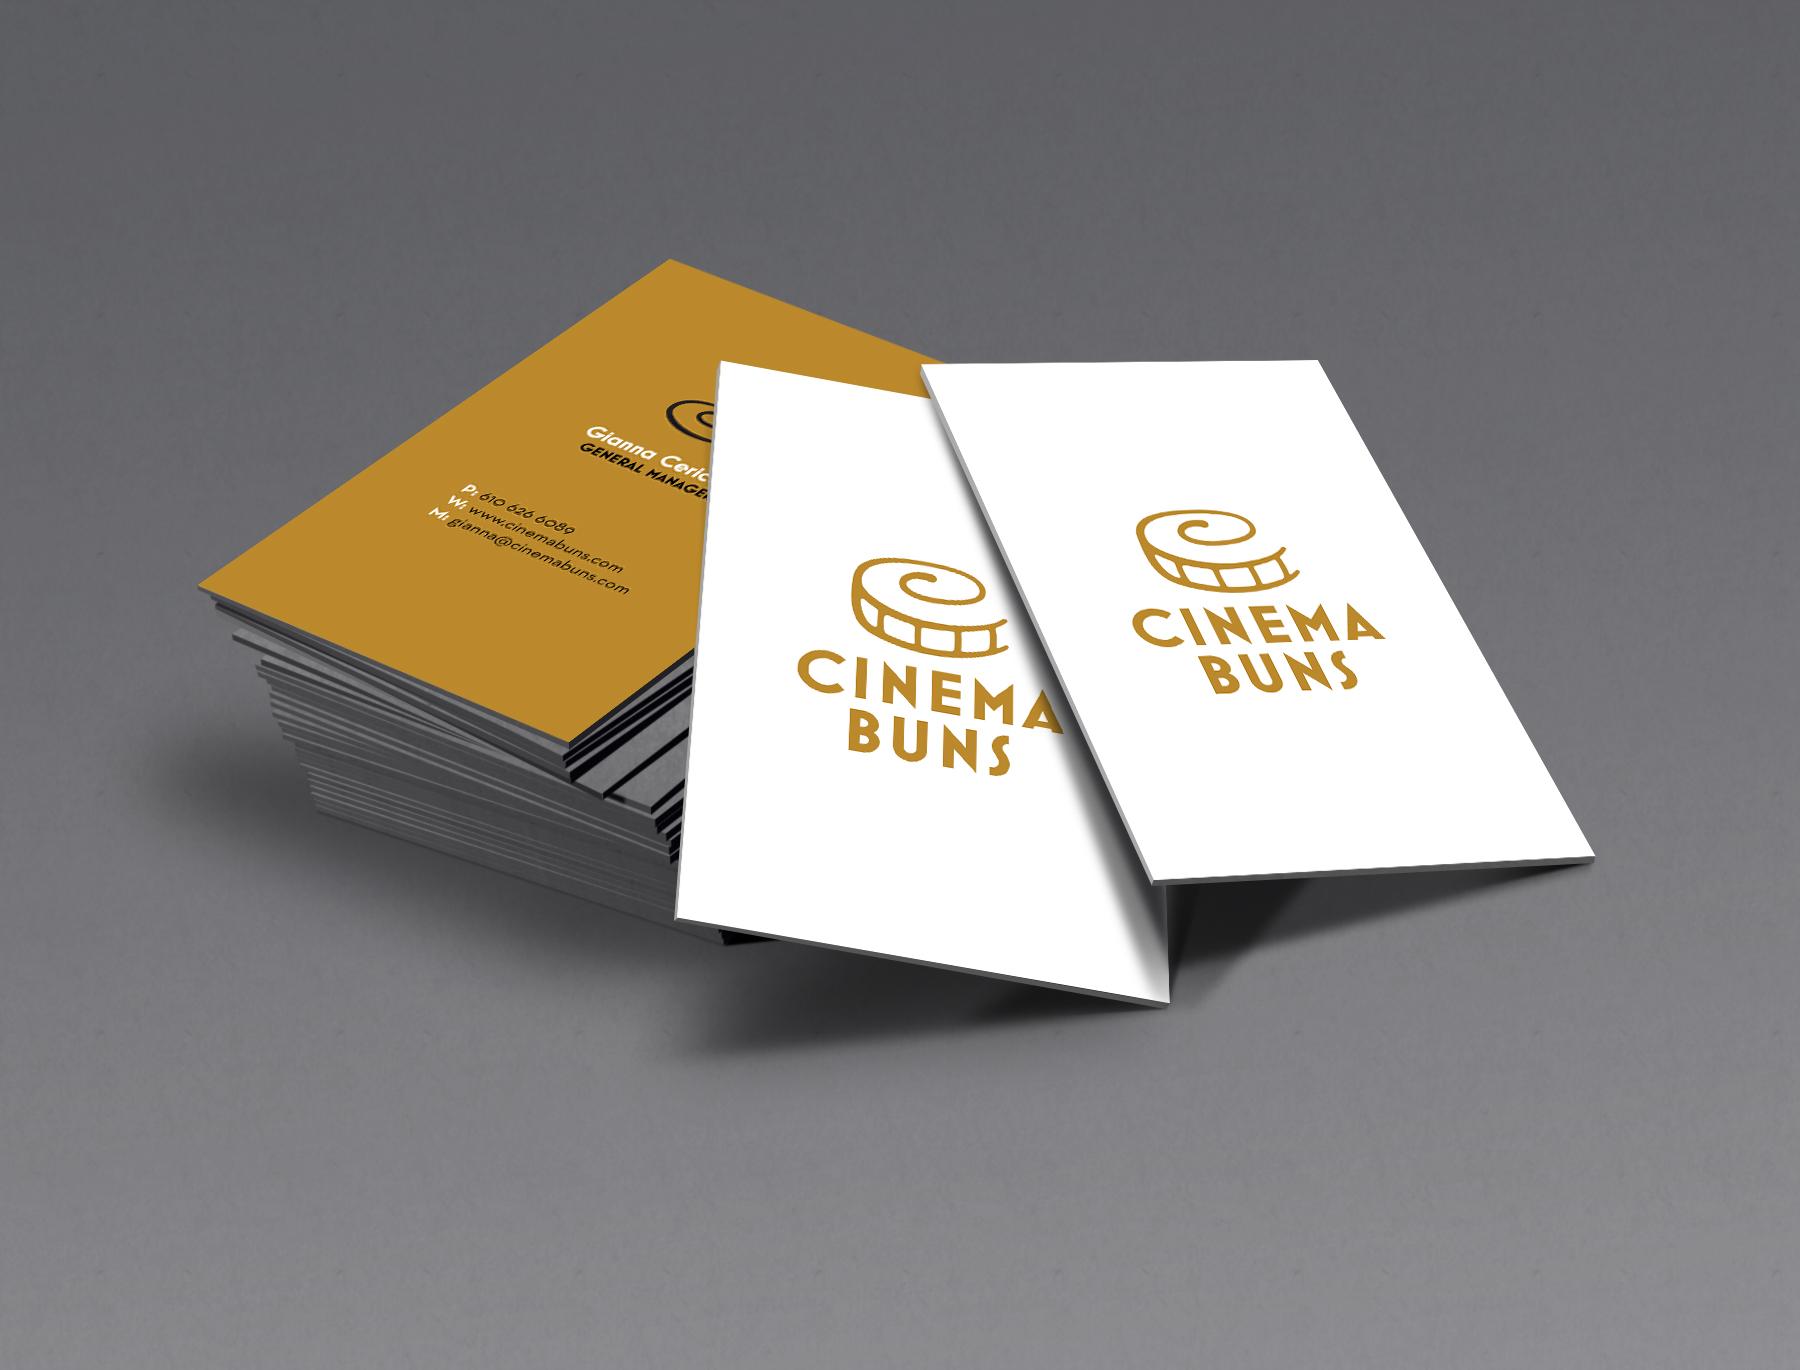 cinemabunsbuscard.jpg